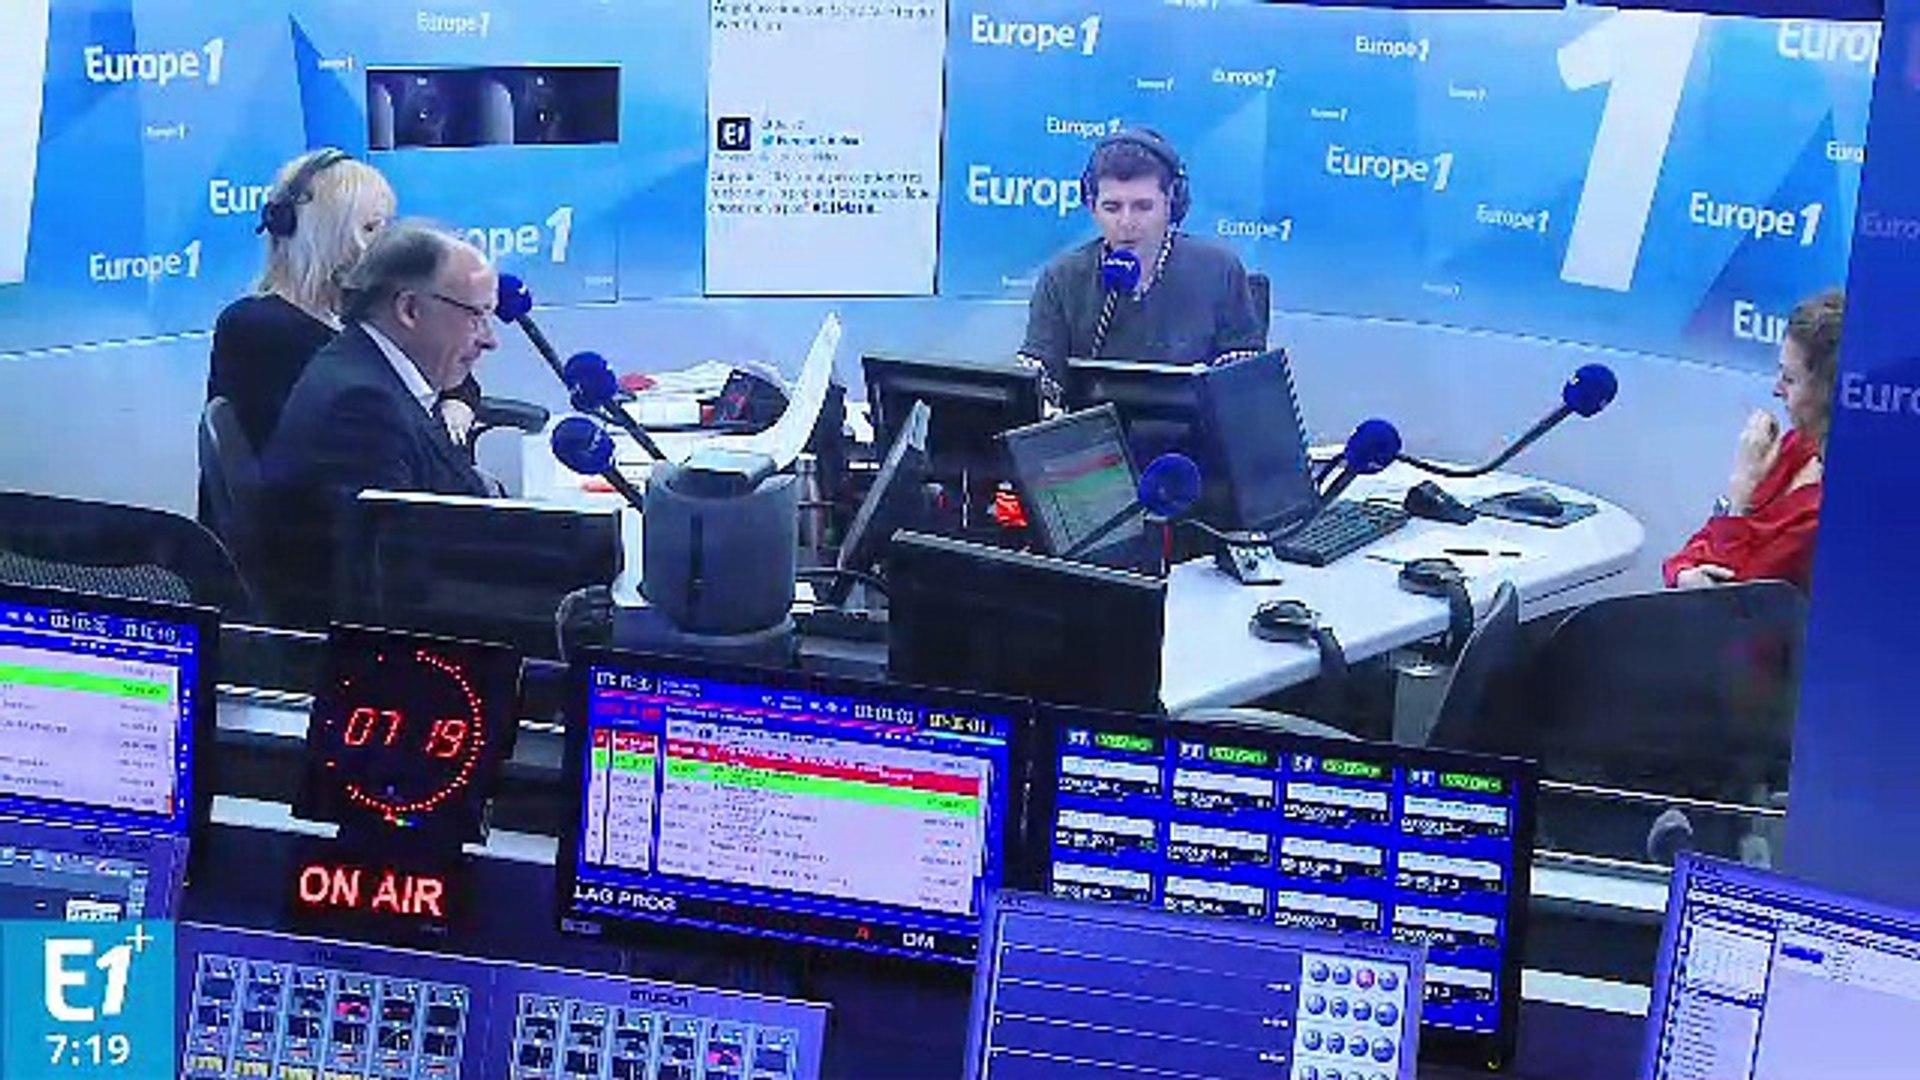 L'Europe, un boulet ou une chance ?